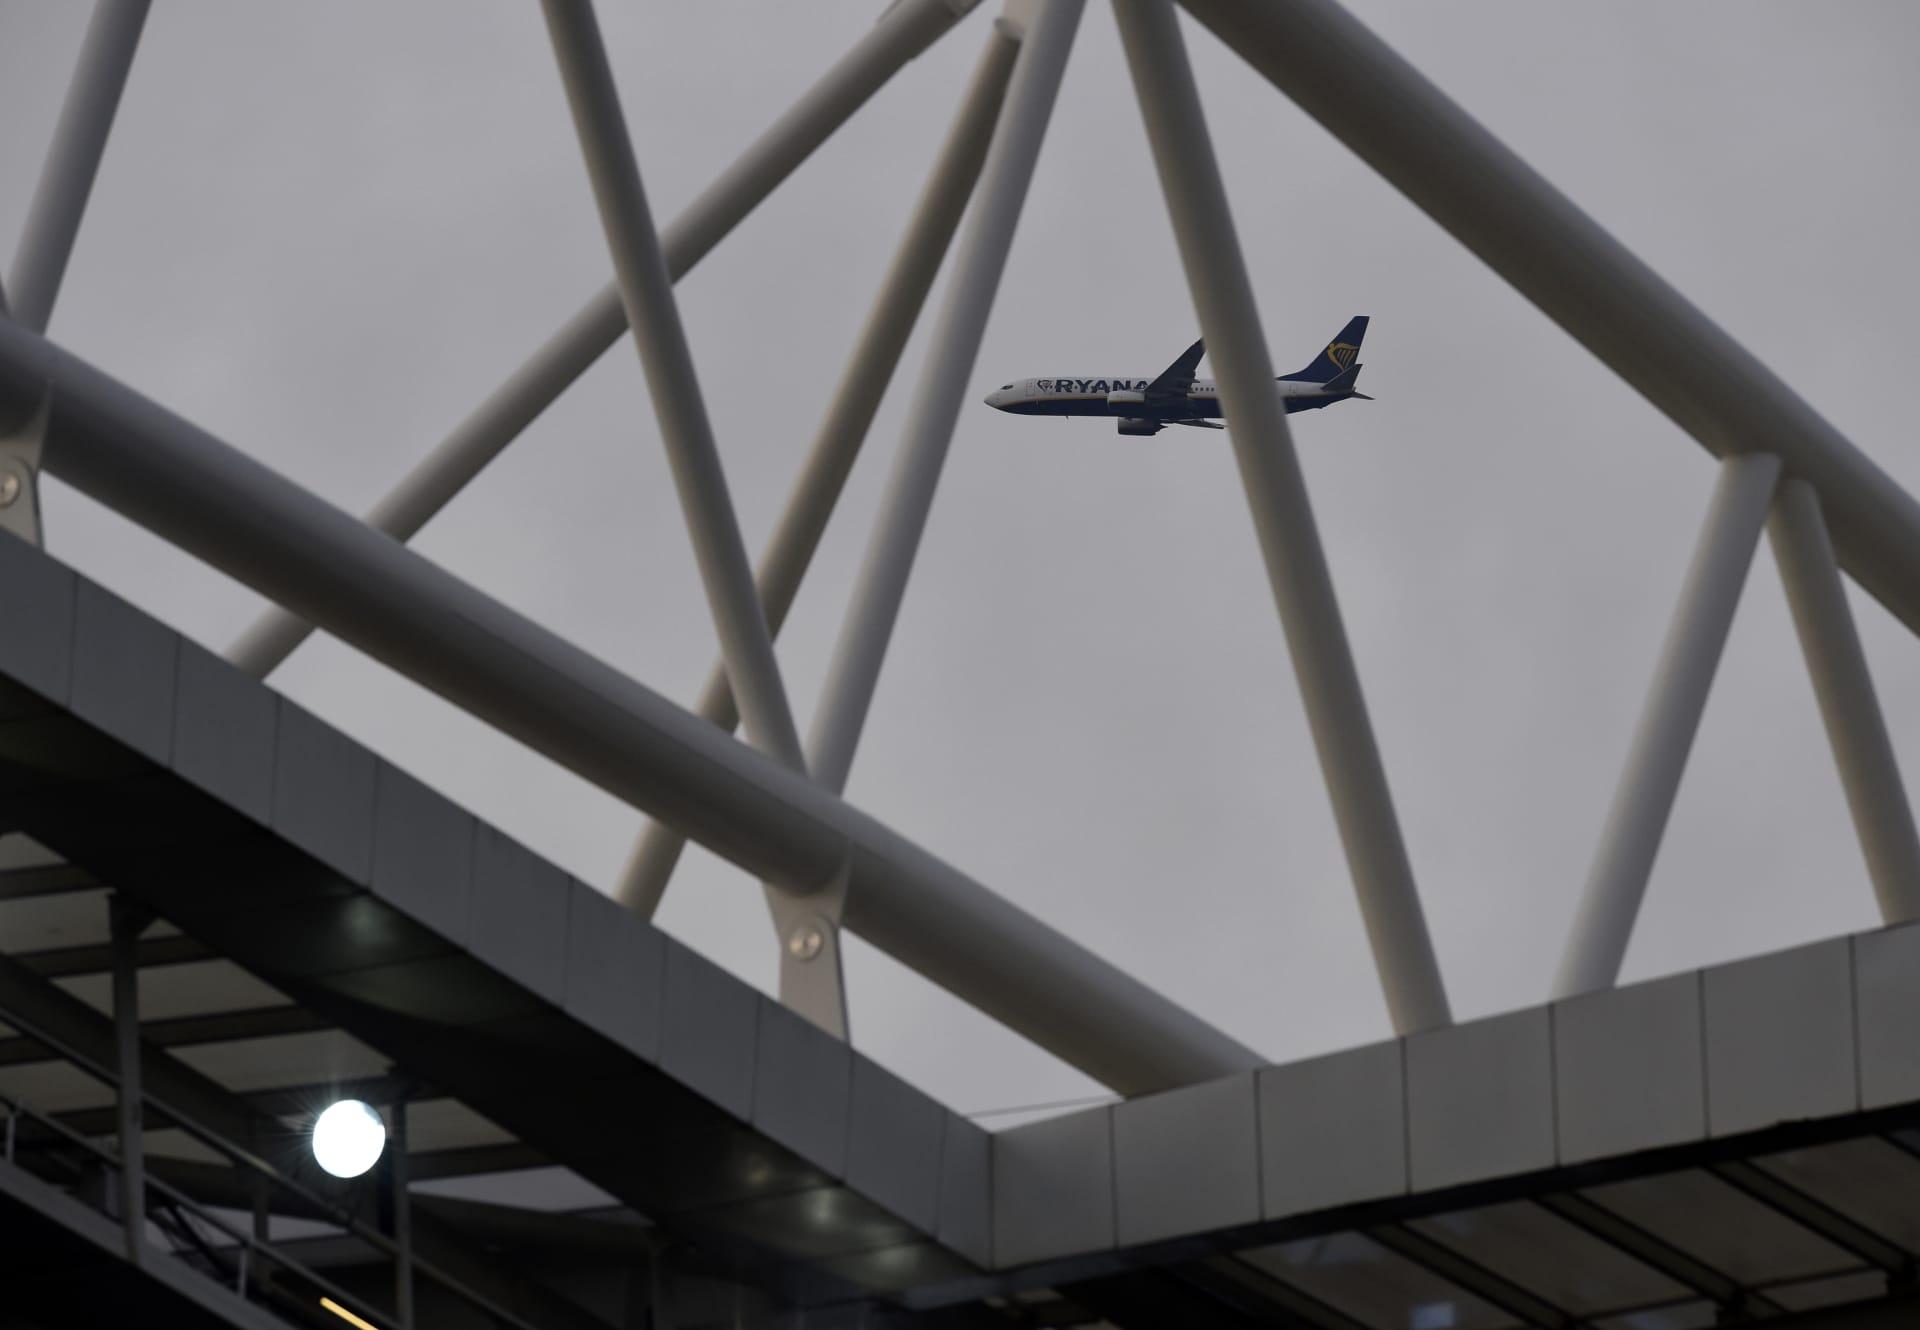 هبوط اضطراري لطائرة روسية بعد محاولة اختطافها.. فما التفاصيل؟